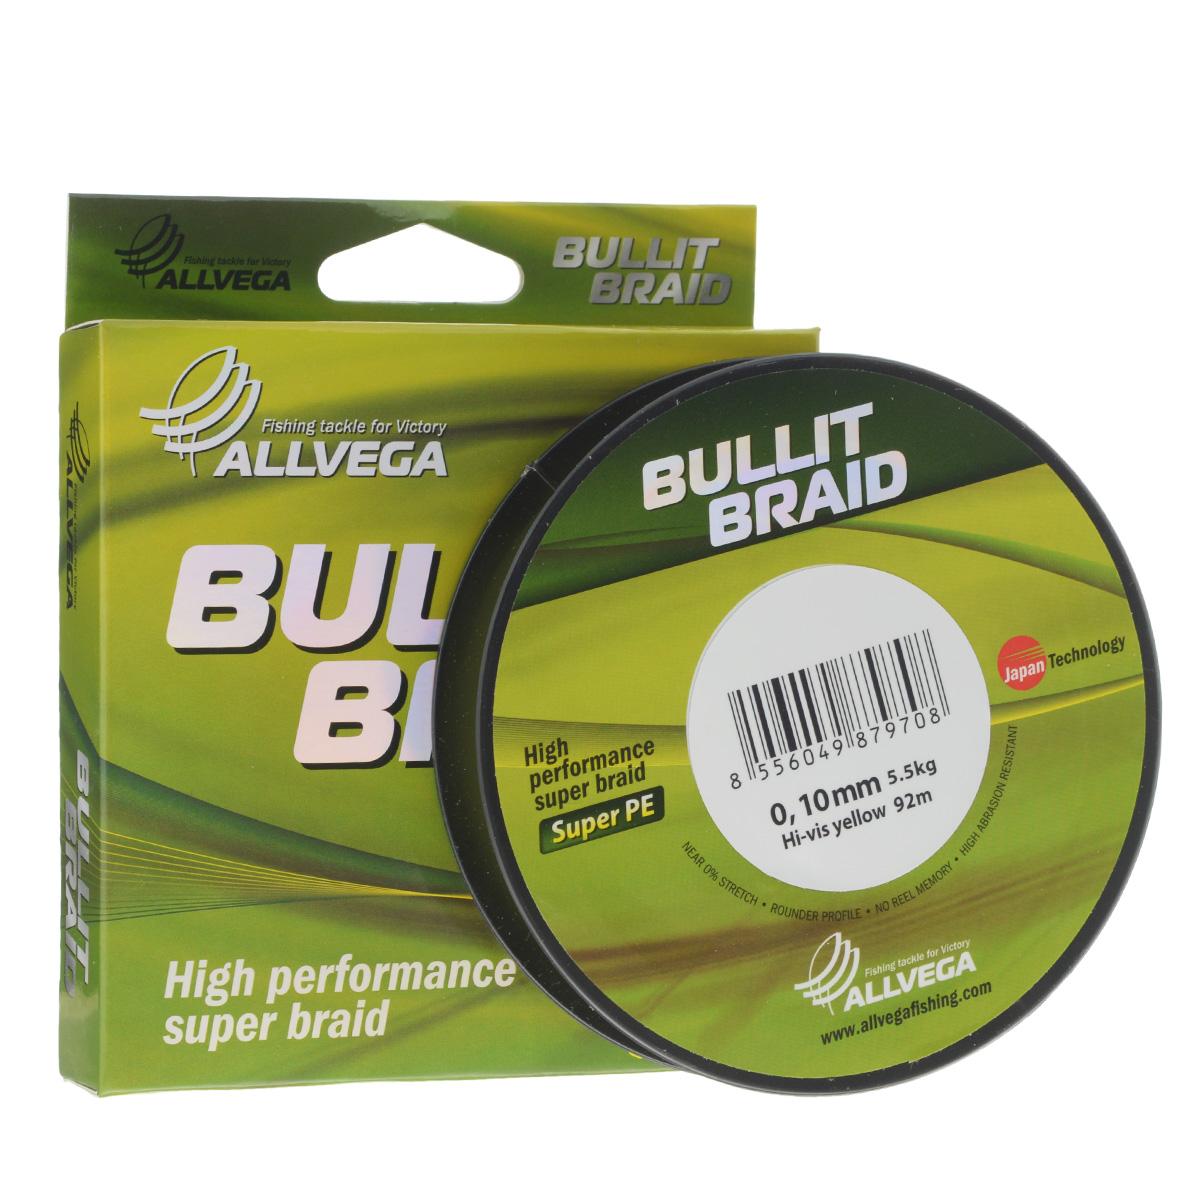 Леска плетеная Allvega Bullit Braid, цвет: ярко-желтый, 92 м, 0,10 мм, 5,5 кг21429Леска Allvega Bullit Braid с гладкой поверхностью и одинаковым сечением по всей длине обладает высокой износостойкостью. Благодаря микроволокнам полиэтилена (Super PE) леска имеет очень плотное плетение и не впитывает воду. Леску Allvega Bullit Braid можно применять в любых типах водоемов. Особенности: повышенная износостойкость; высокая чувствительность - коэффициент растяжения близок к нулю; отсутствует память; идеально гладкая поверхность позволяет увеличить дальность забросов; высокая прочность шнура на узлах.